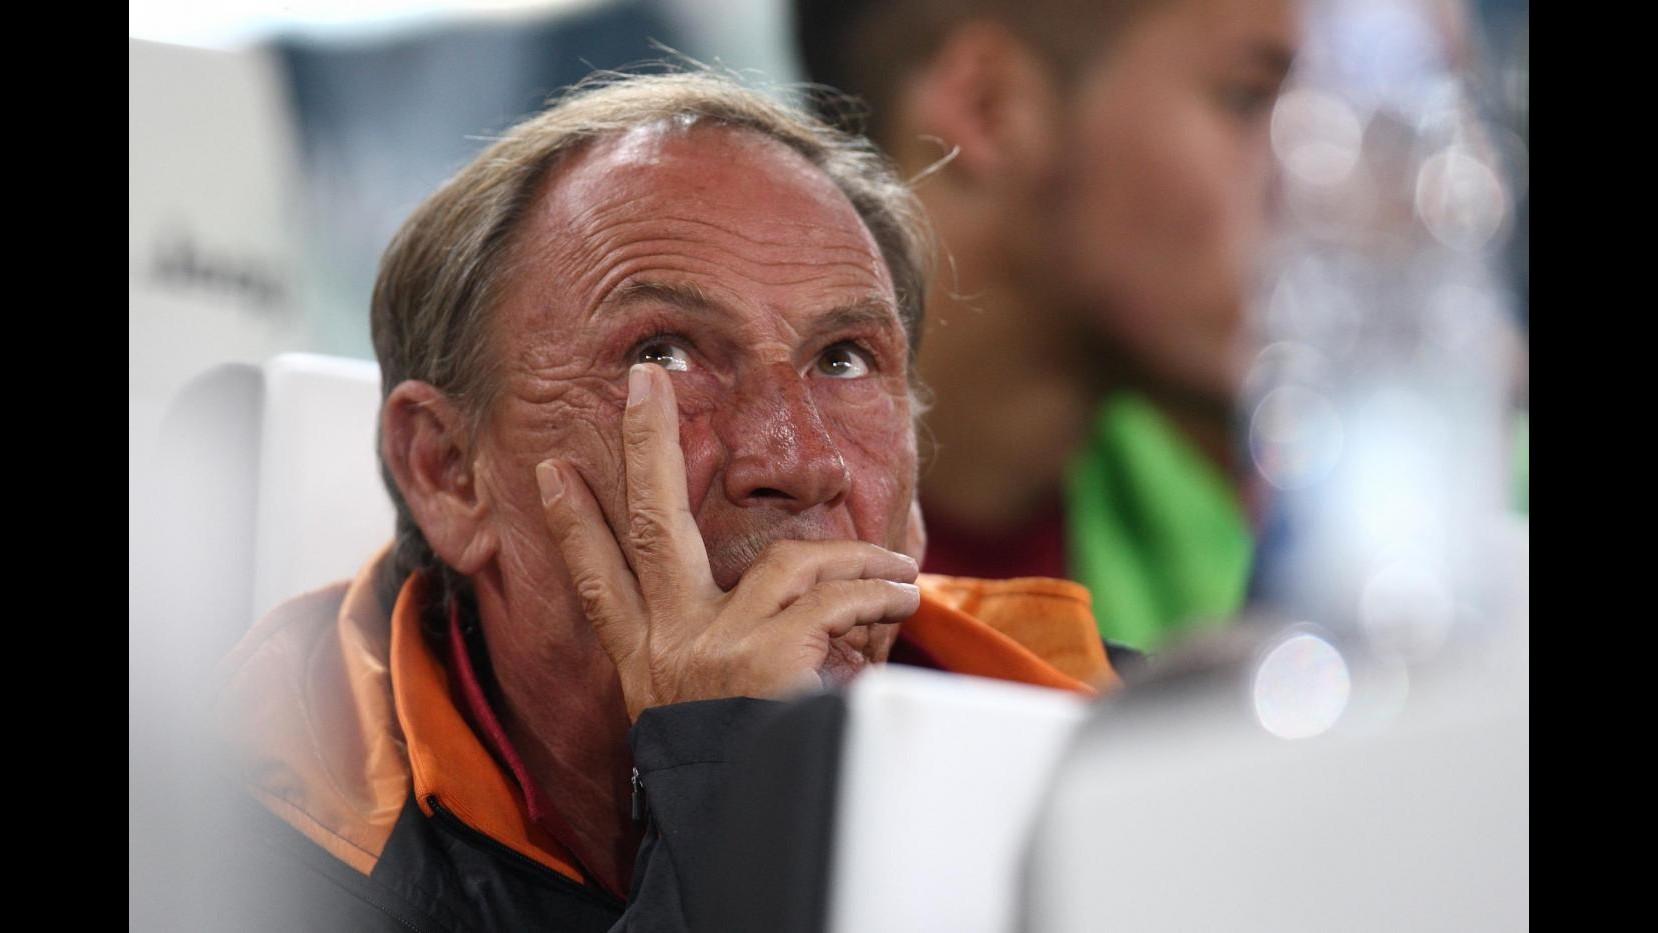 Zeman si presenta a Cagliari: Contento di essere qui, non ho rivincite da prendere